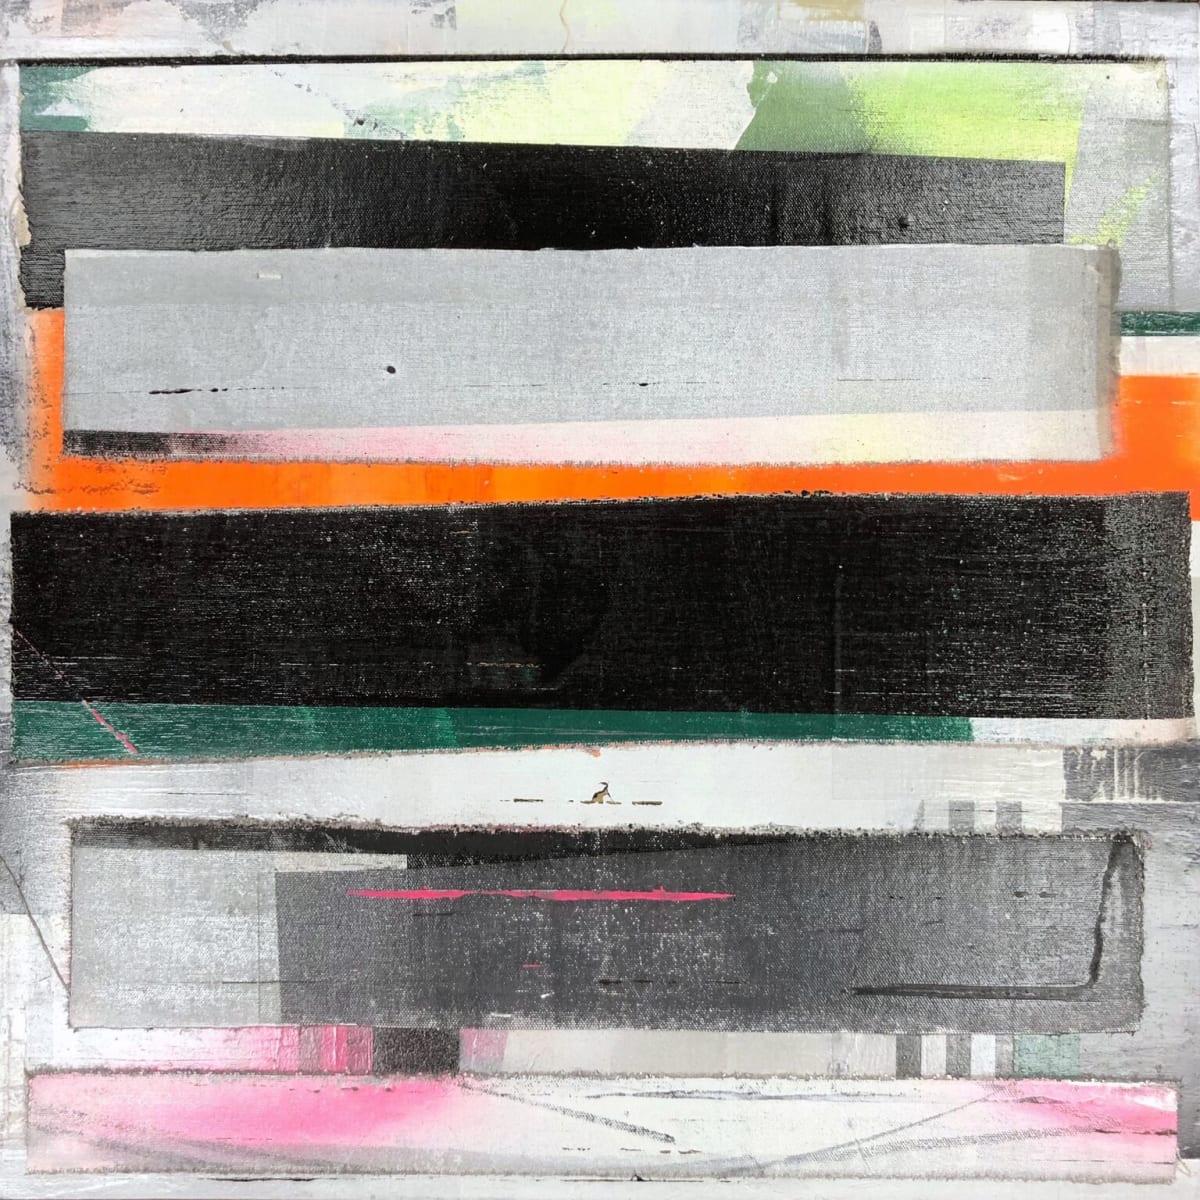 Zandra Stratford, Remix I, 2019